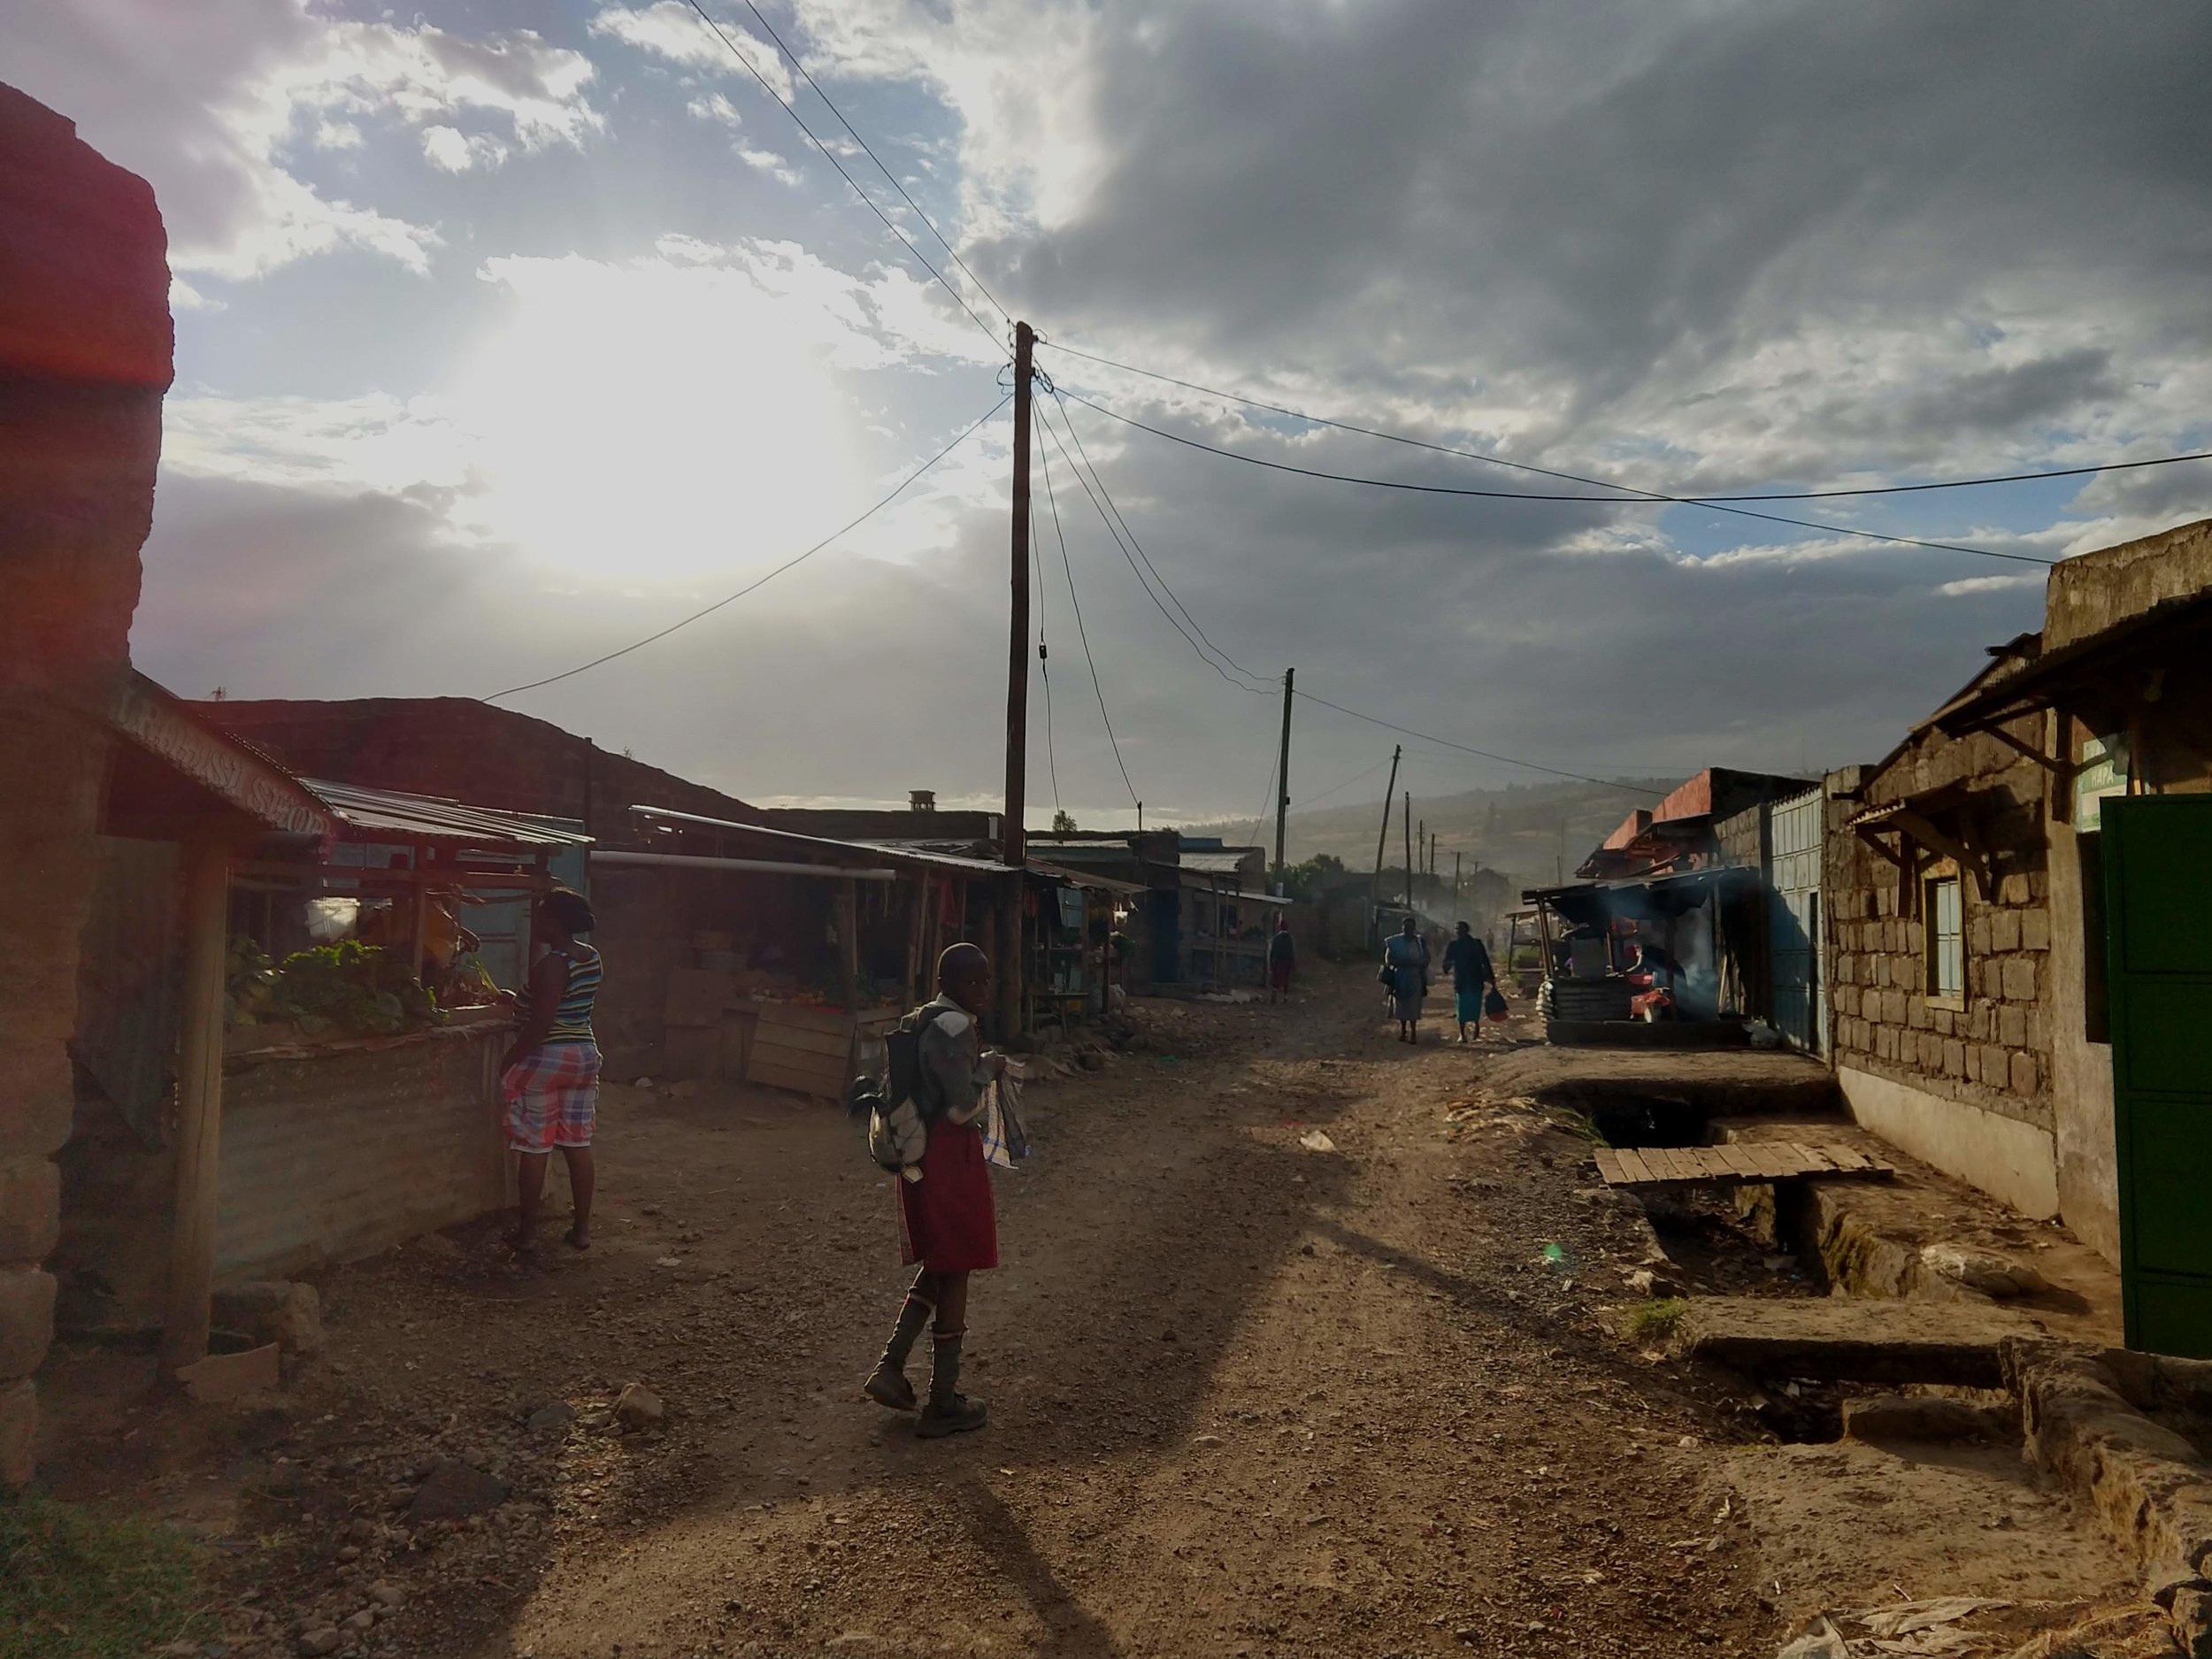 School children walking home one afternoon.